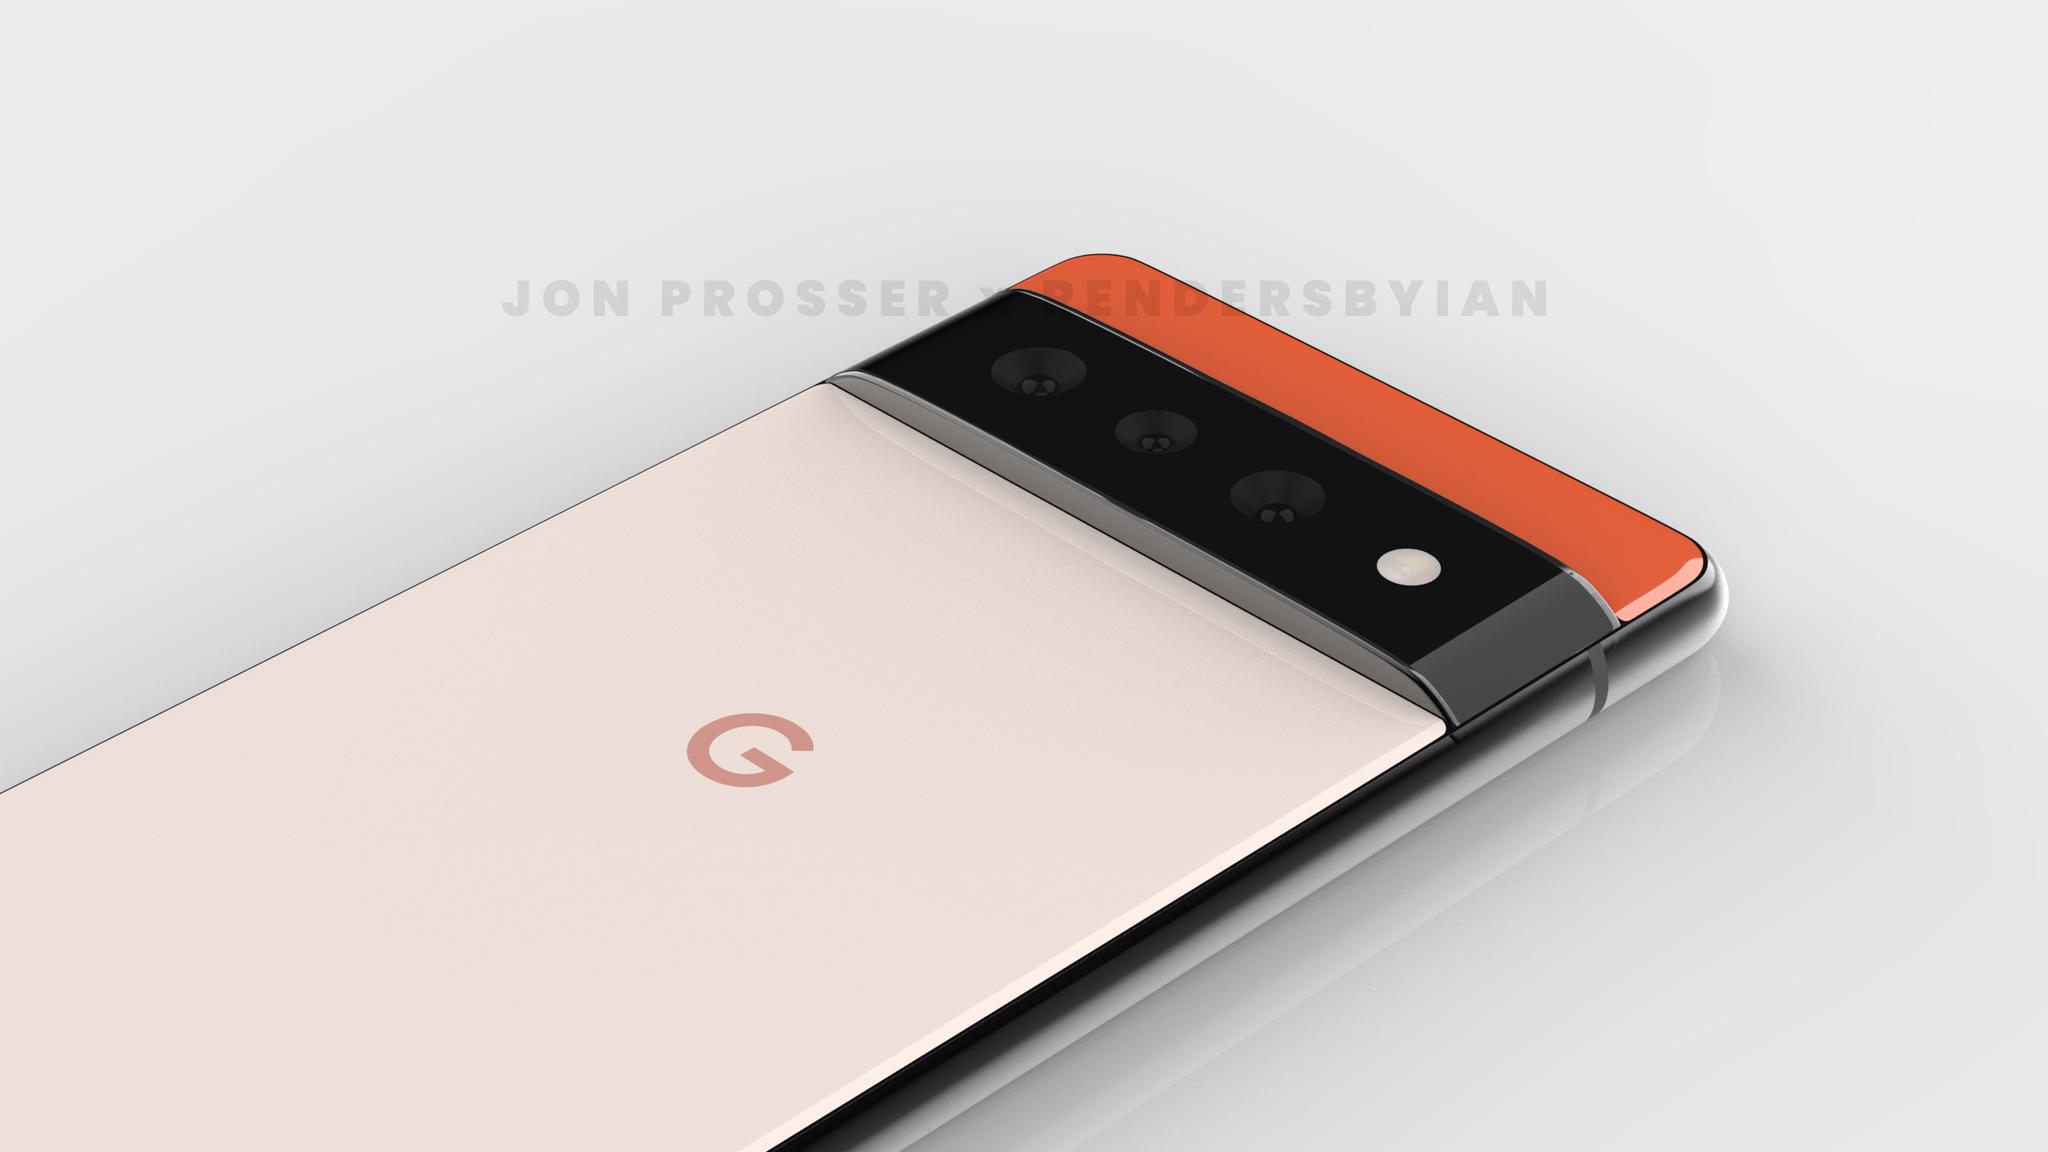 派早报:Pixel 6 及 Android 12 设计曝光、Apple Music Hi-Fi 细节曝光等